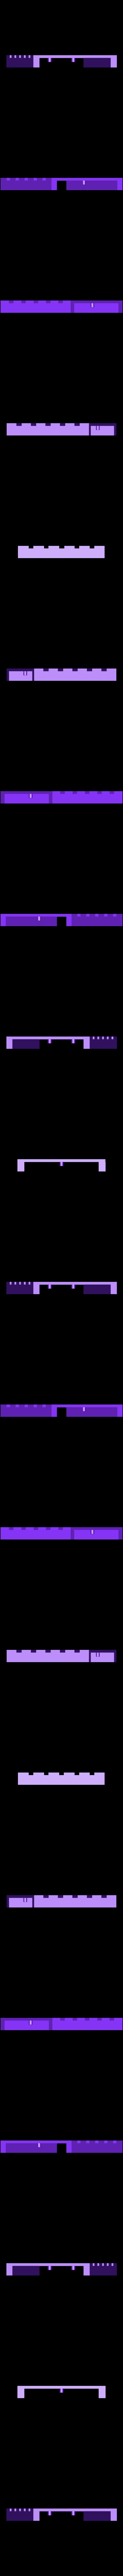 palette pour agglo 1-2.stl Télécharger fichier STL gratuit Palette pour agglo ou parpaing 1/14 • Plan imprimable en 3D, izidor07